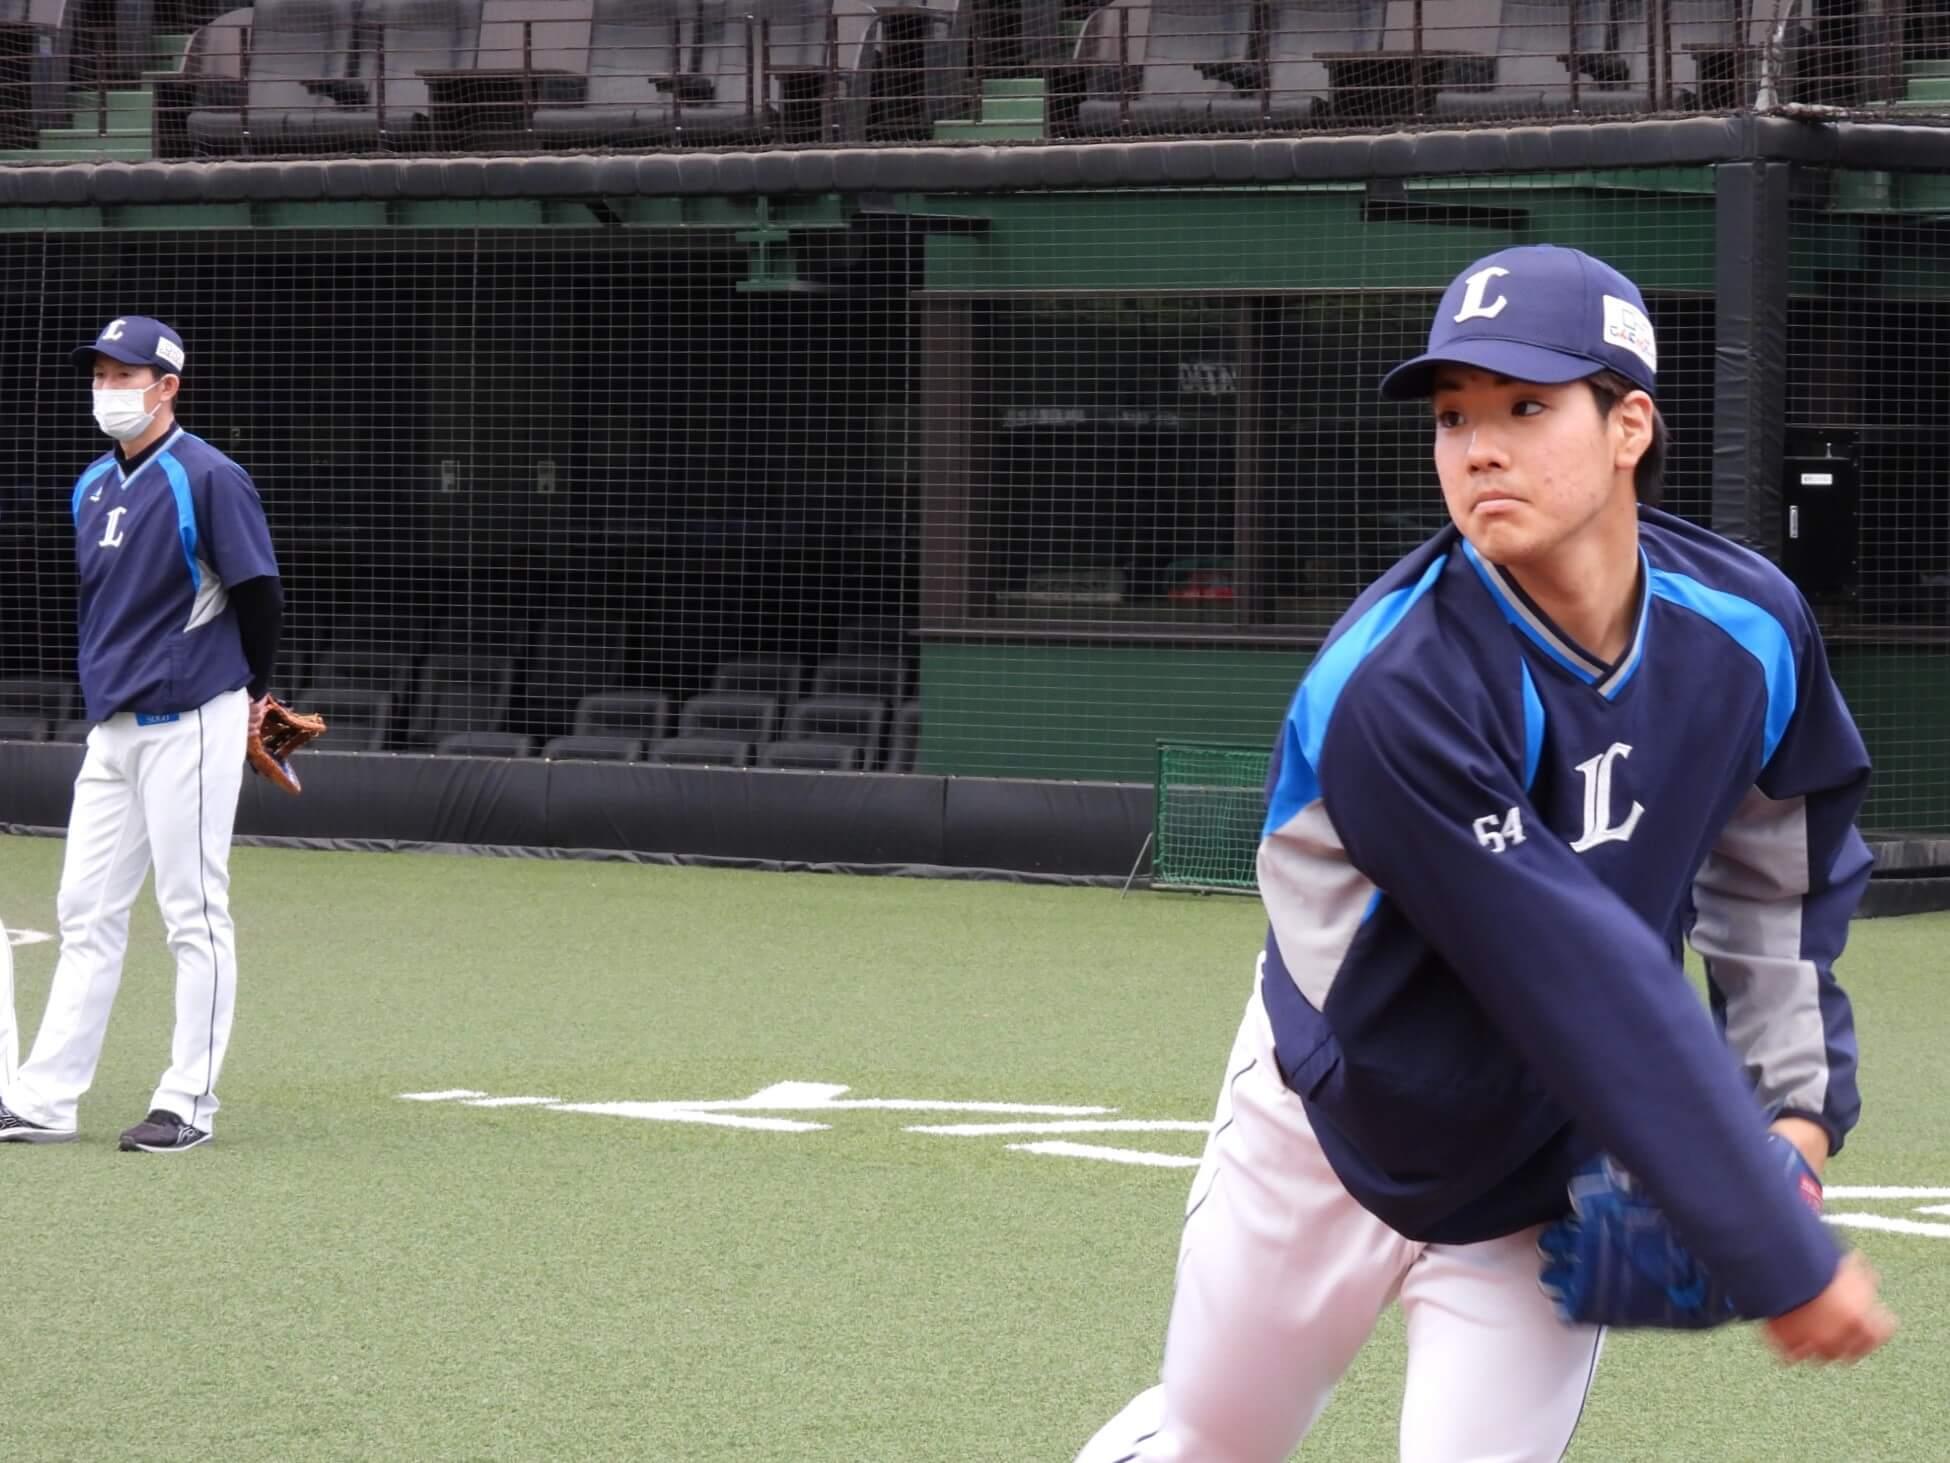 若獅子ローテでオリックス3連戦!上間永遠がプロ2度目の先発、雄星・光成らに続いて大阪で初白星を!